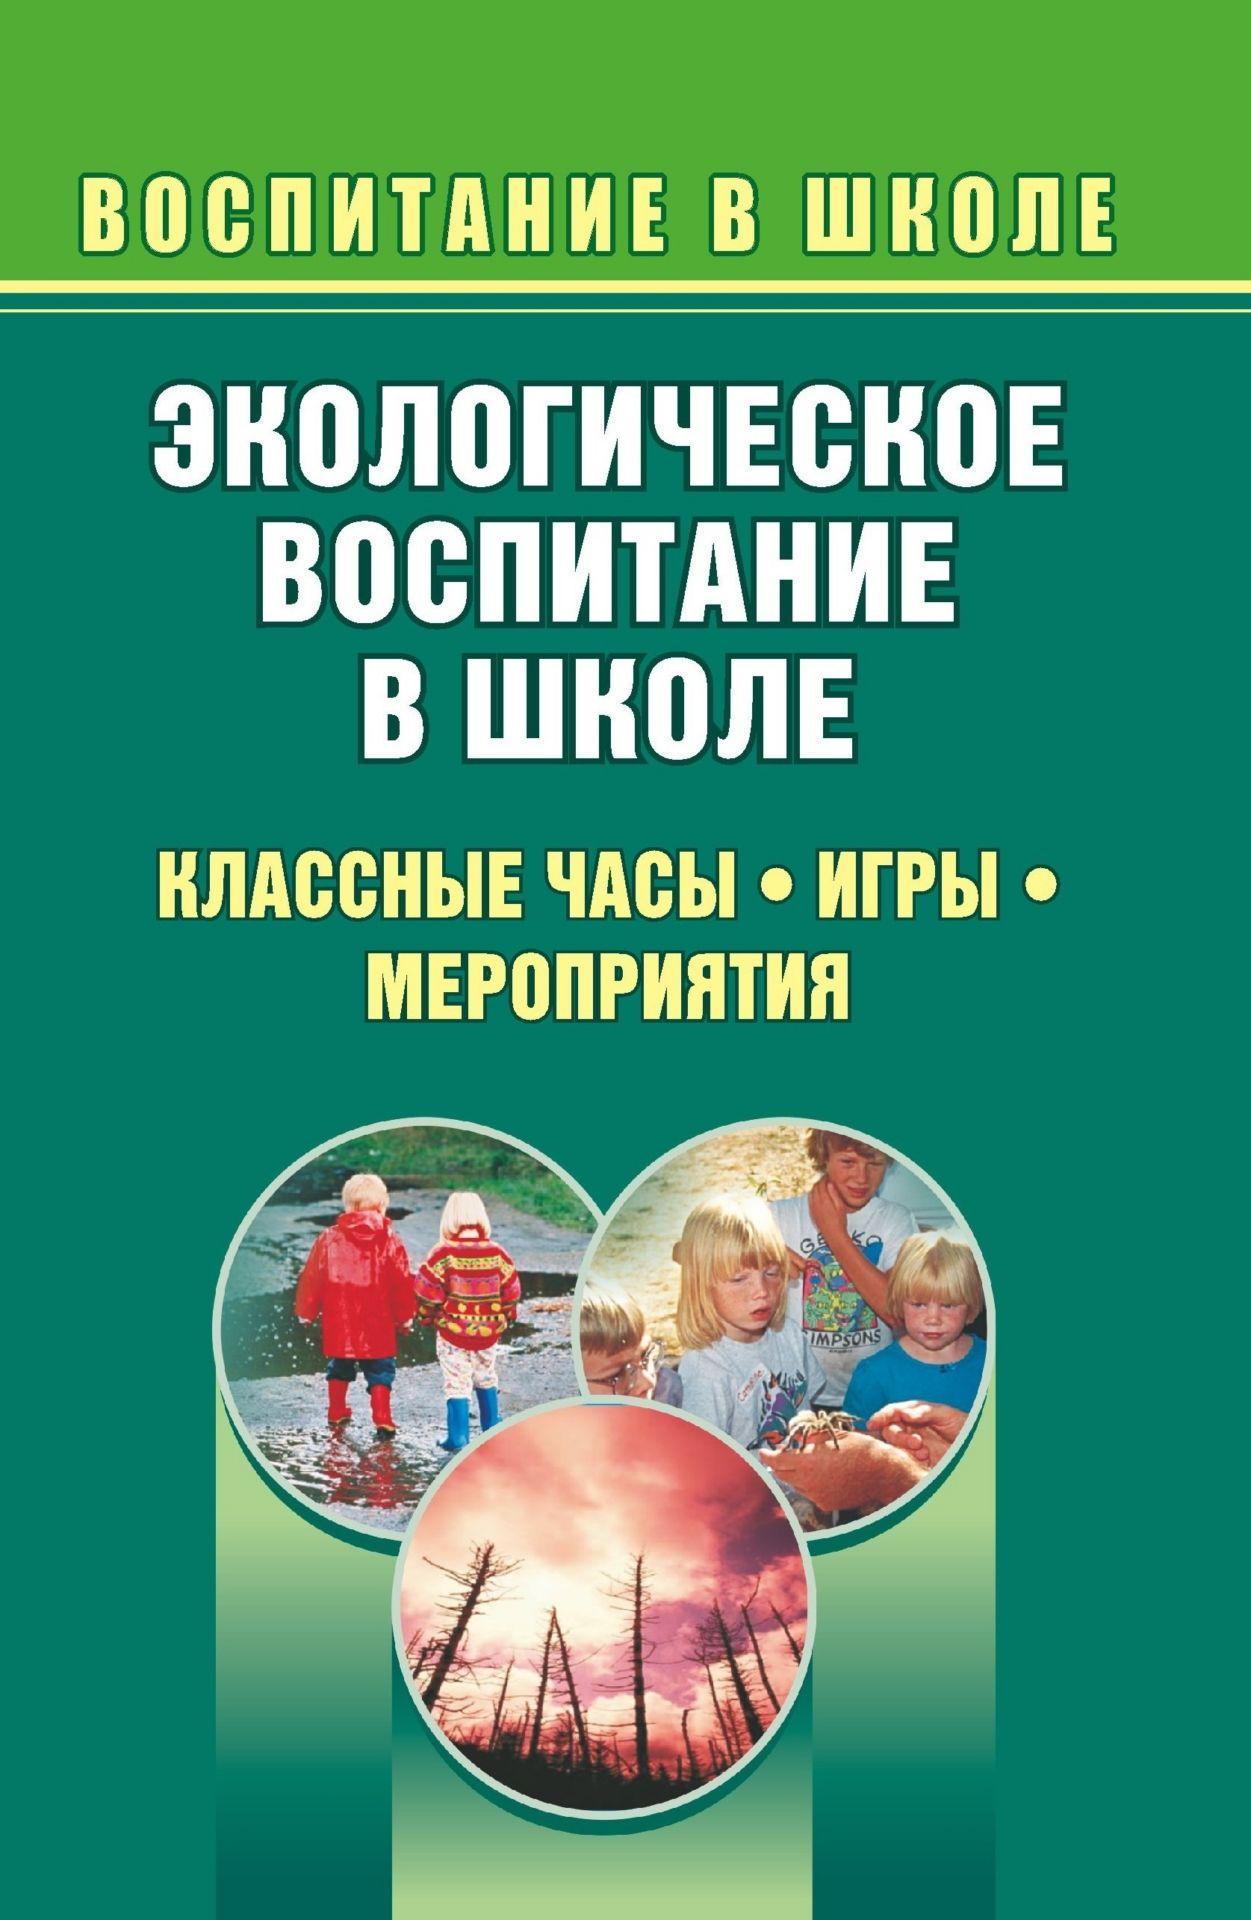 Экологическое воспитание в школе.  Вып. 1. Классные часы, игры, мероприятия